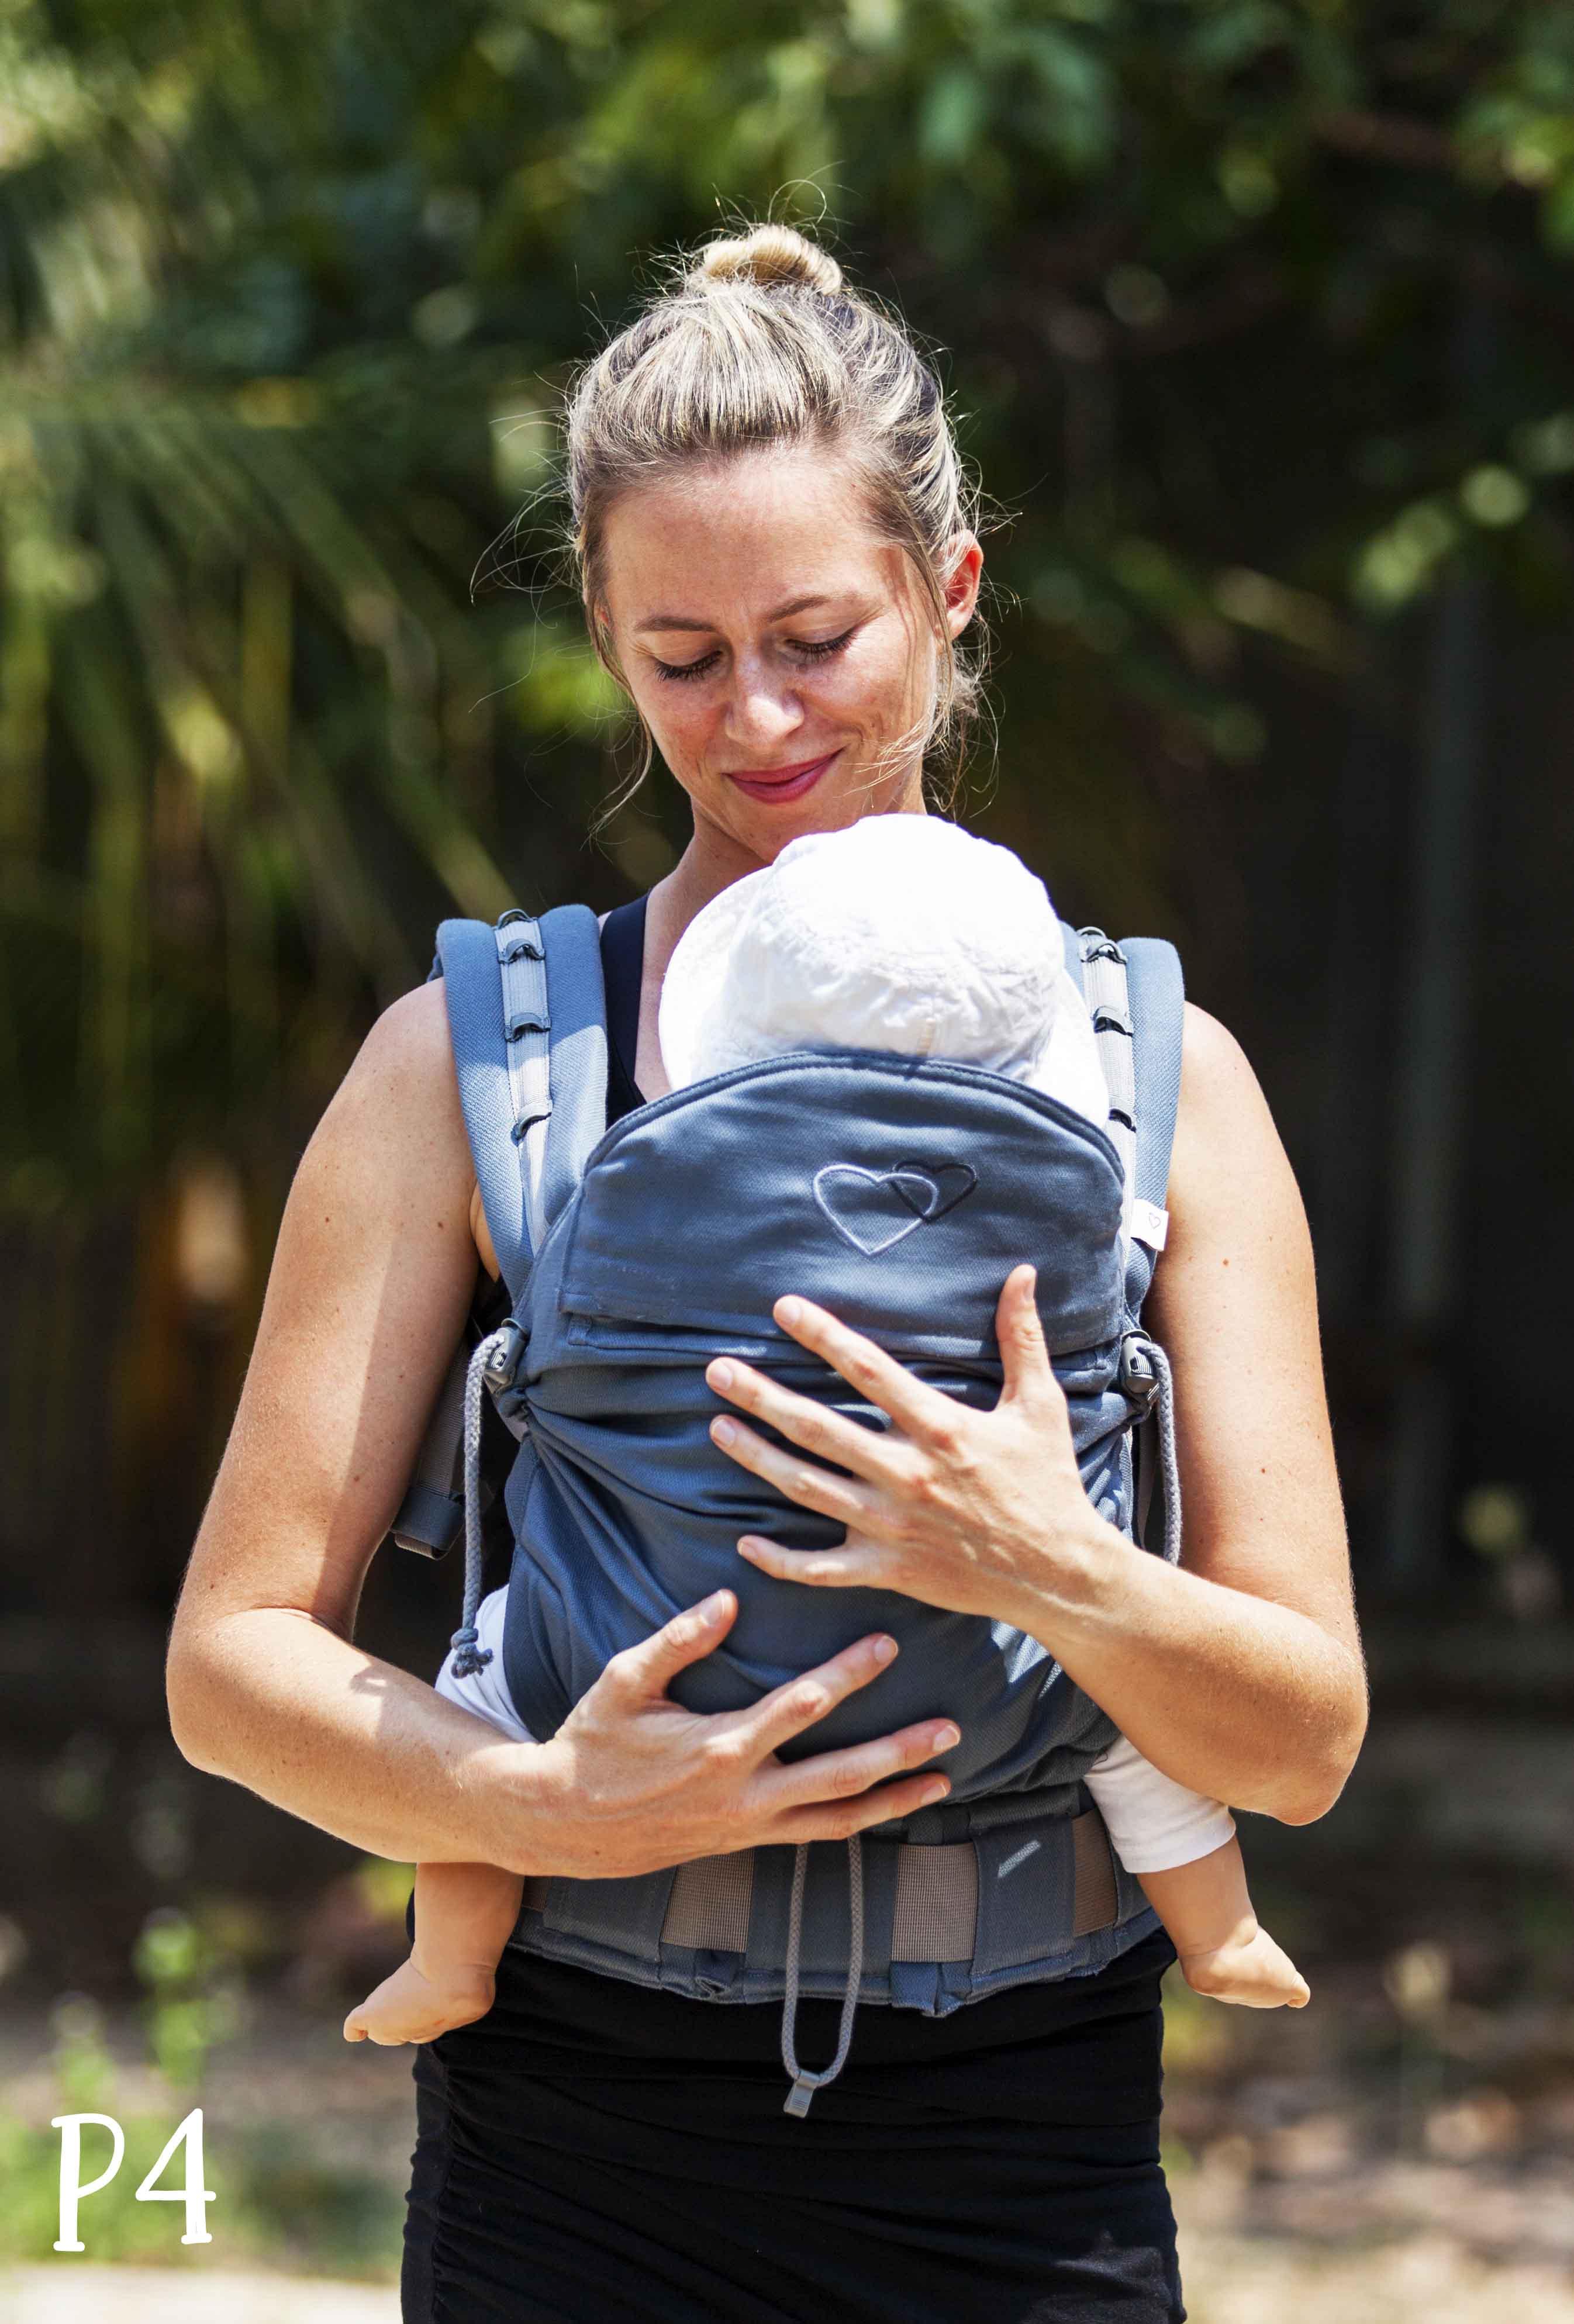 5a230d570045 Avis P4 porte-bébé préformé baby size, standard et preschool - Ling ...